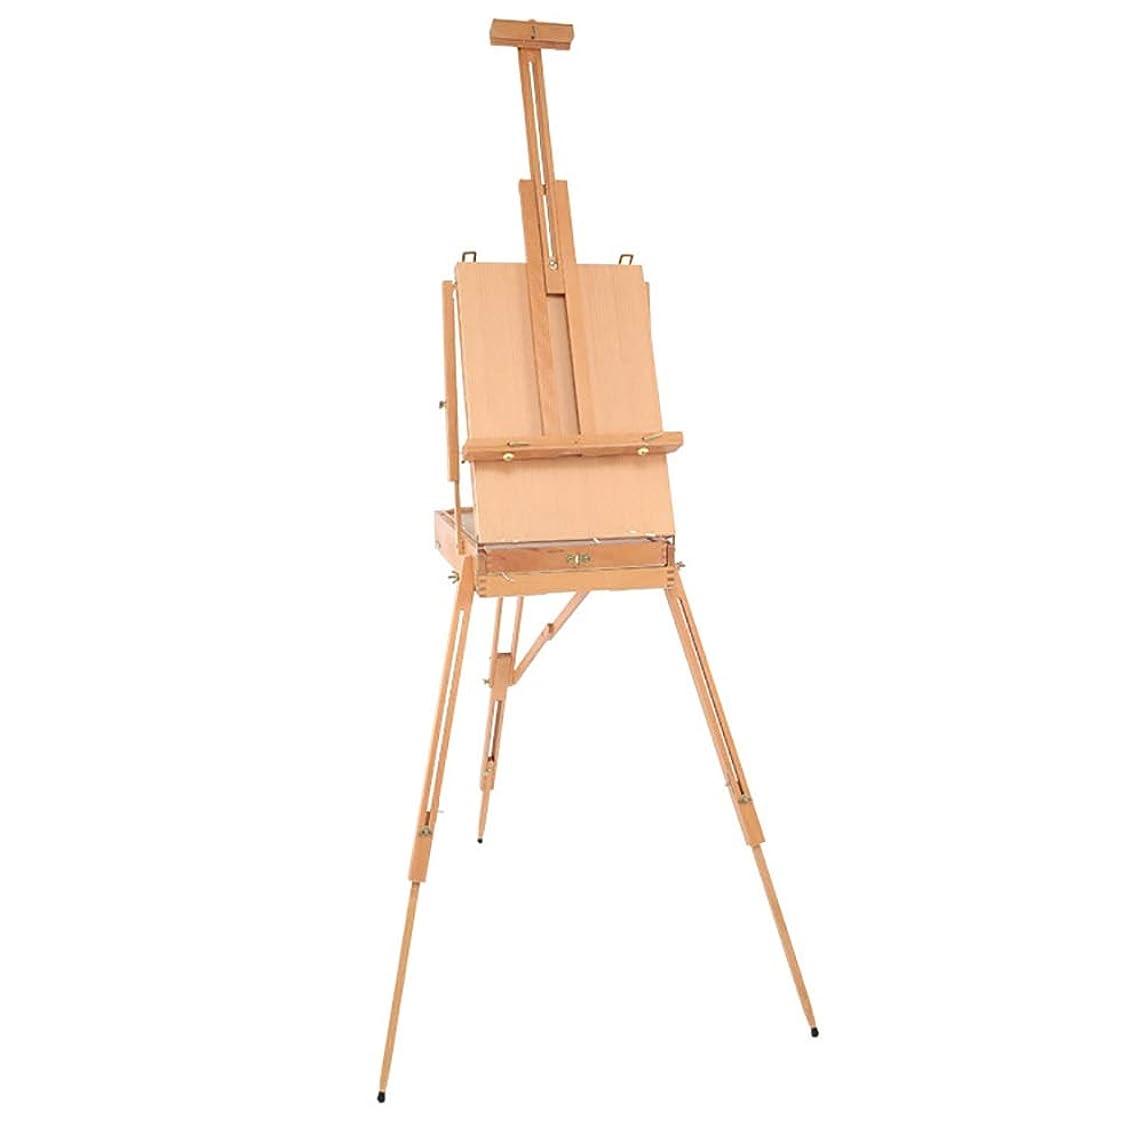 反応するボードポンドイーゼル イーゼル、メンズ木製の油絵ボックス、イーゼルアートポータブル、油絵ボックス、油絵フレーム、バックパック型油絵ボックス。180cmX35cm